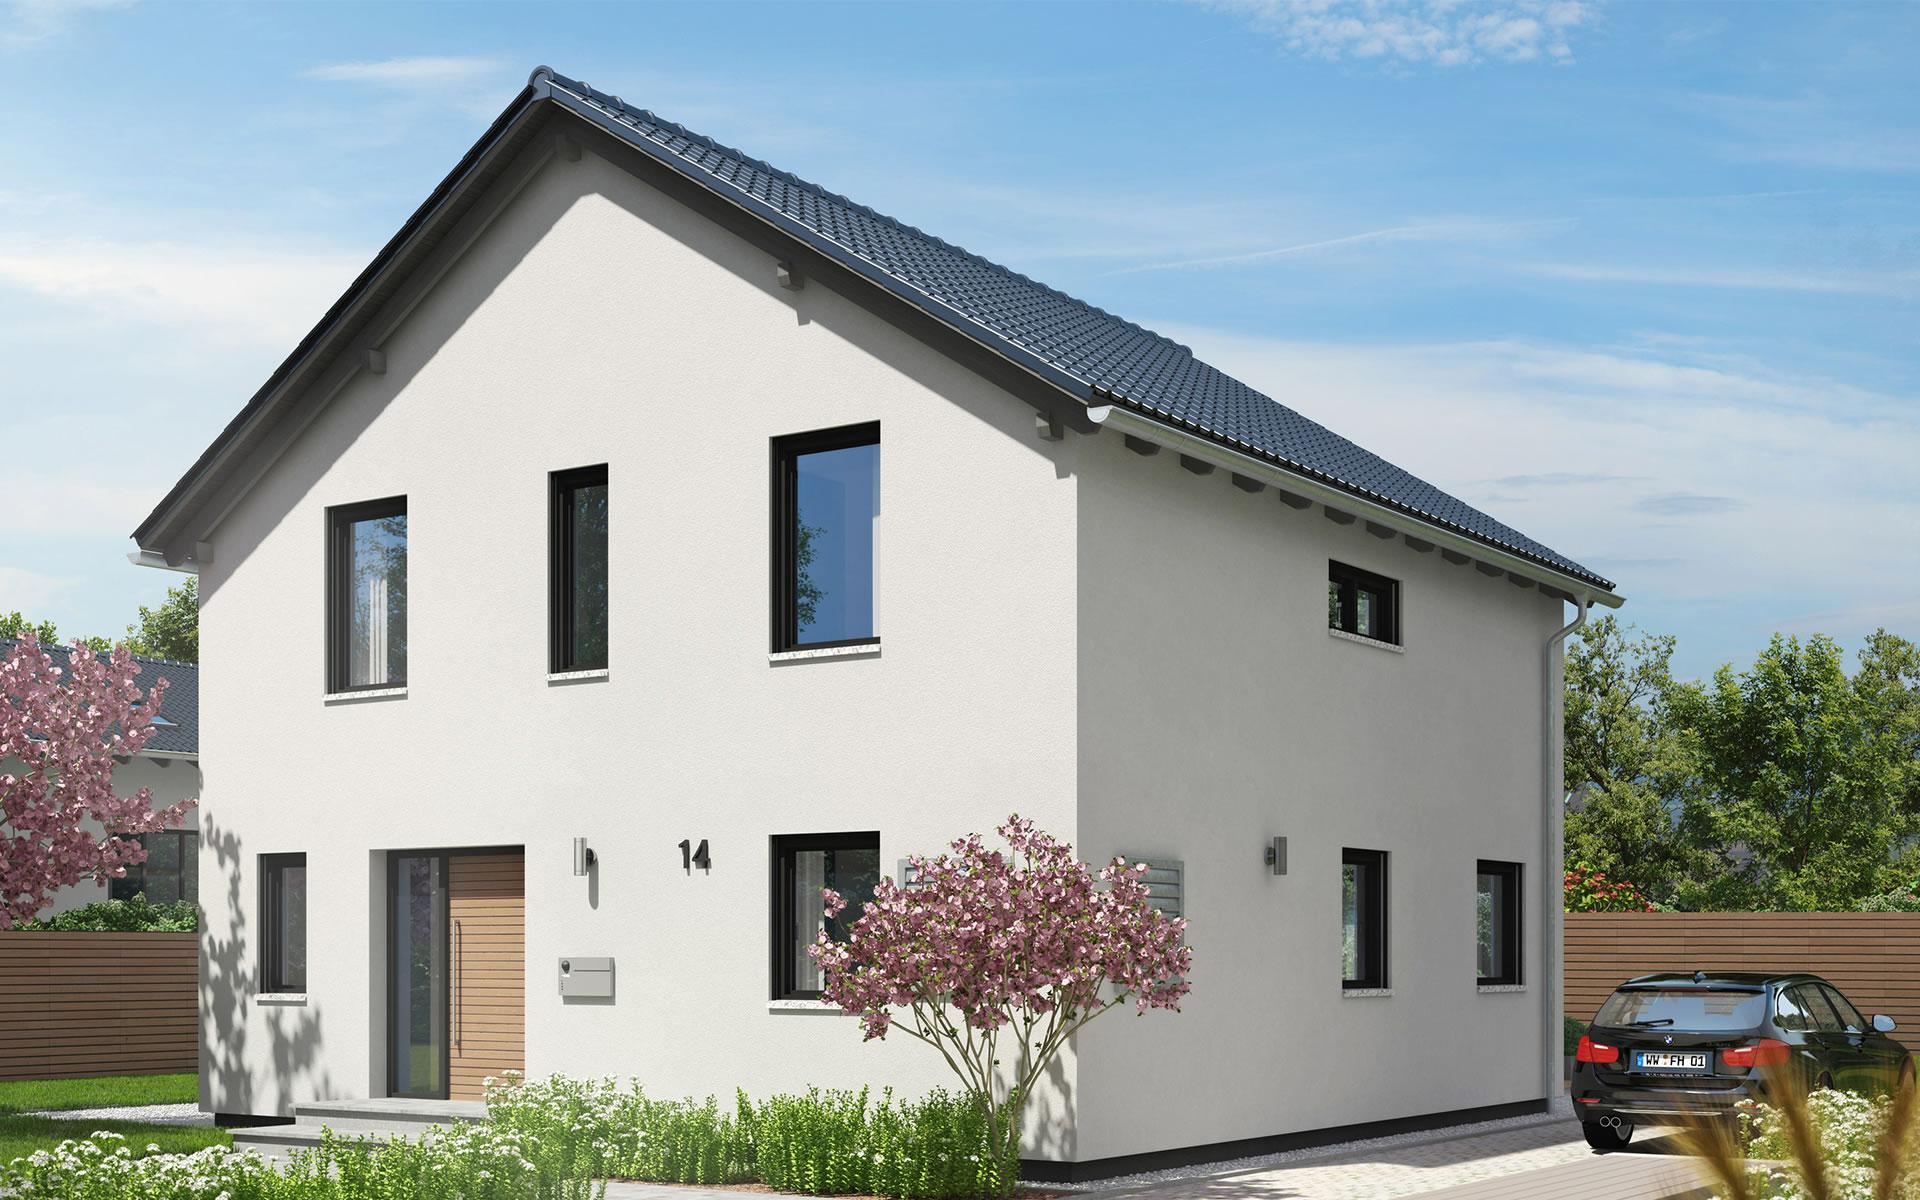 London von Fingerhut Haus GmbH & Co. KG